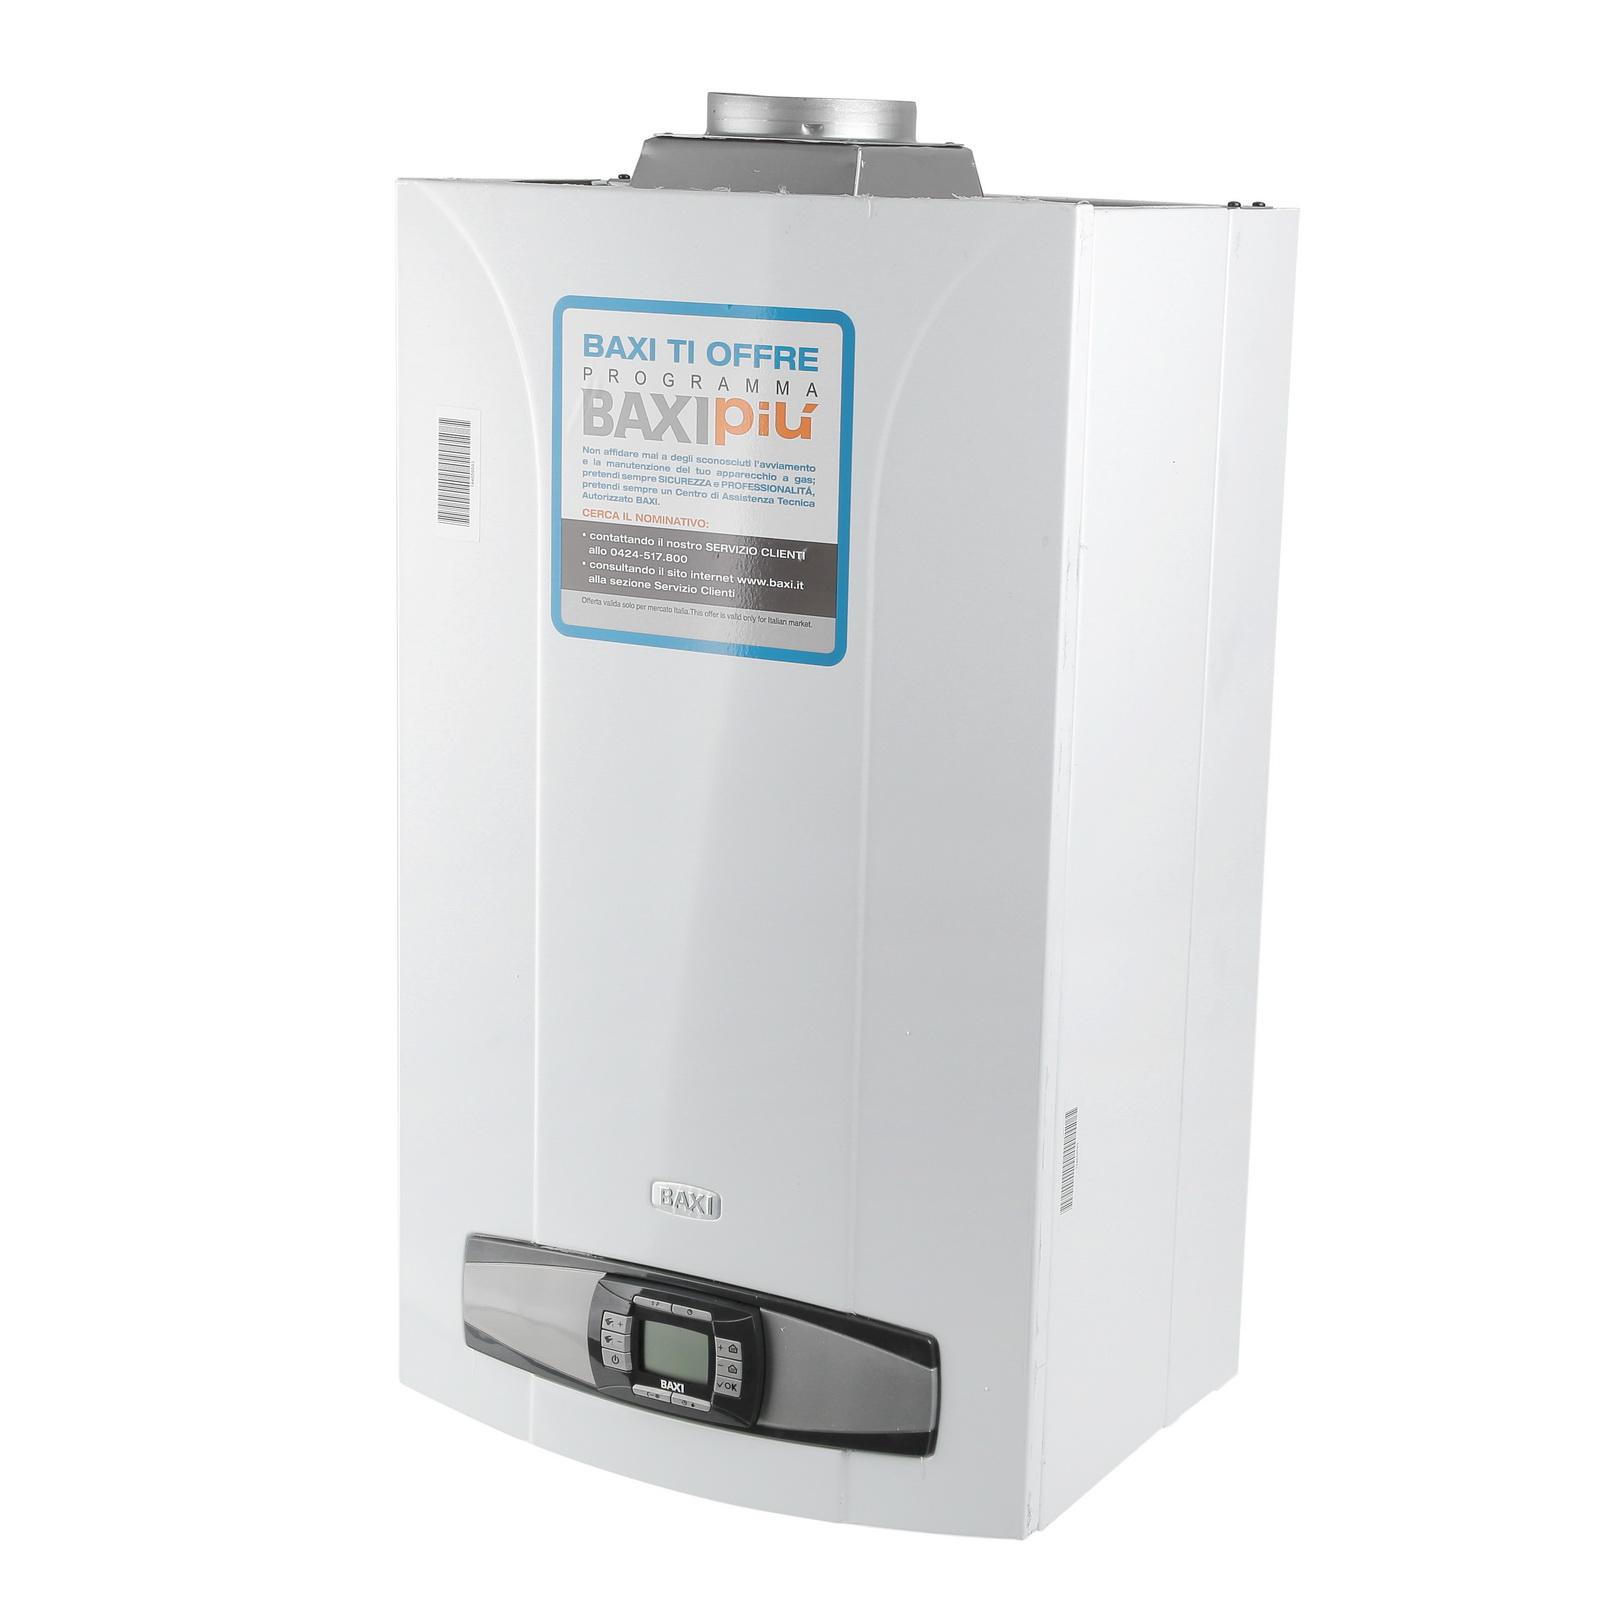 Одноконтурный настенный газовый котел Baxi Comfort 1.240 i khg baxi гидр комплект на один котел 85 100 квт